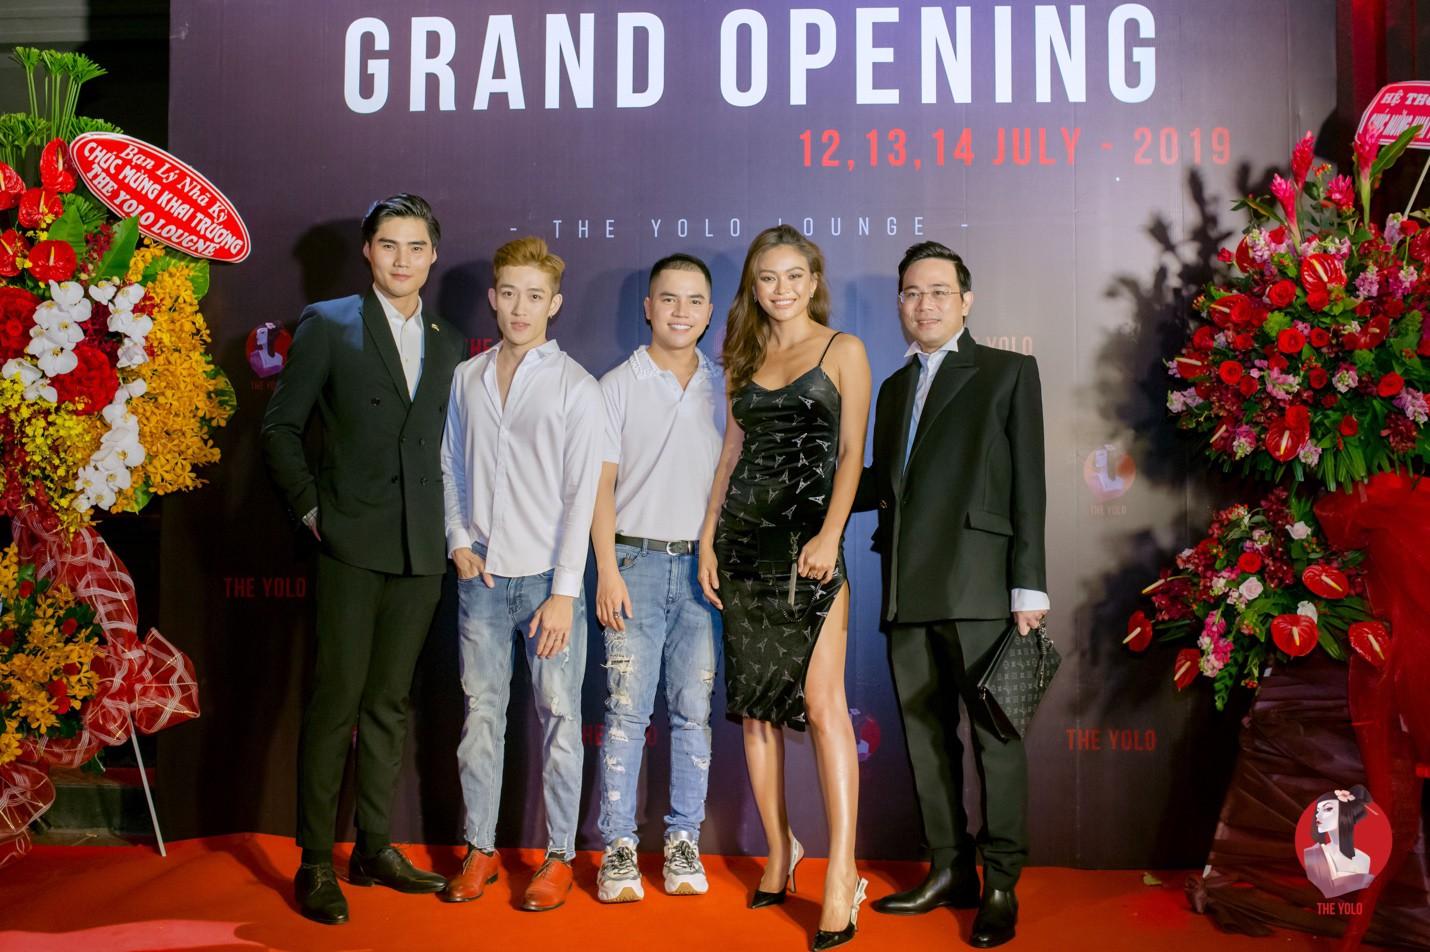 Lần đầu tiên, 2 quán quân Vietnam's Next Top Model Quang Hùng, Mâu Thủy kết hợp kinh doanh - Ảnh 7.